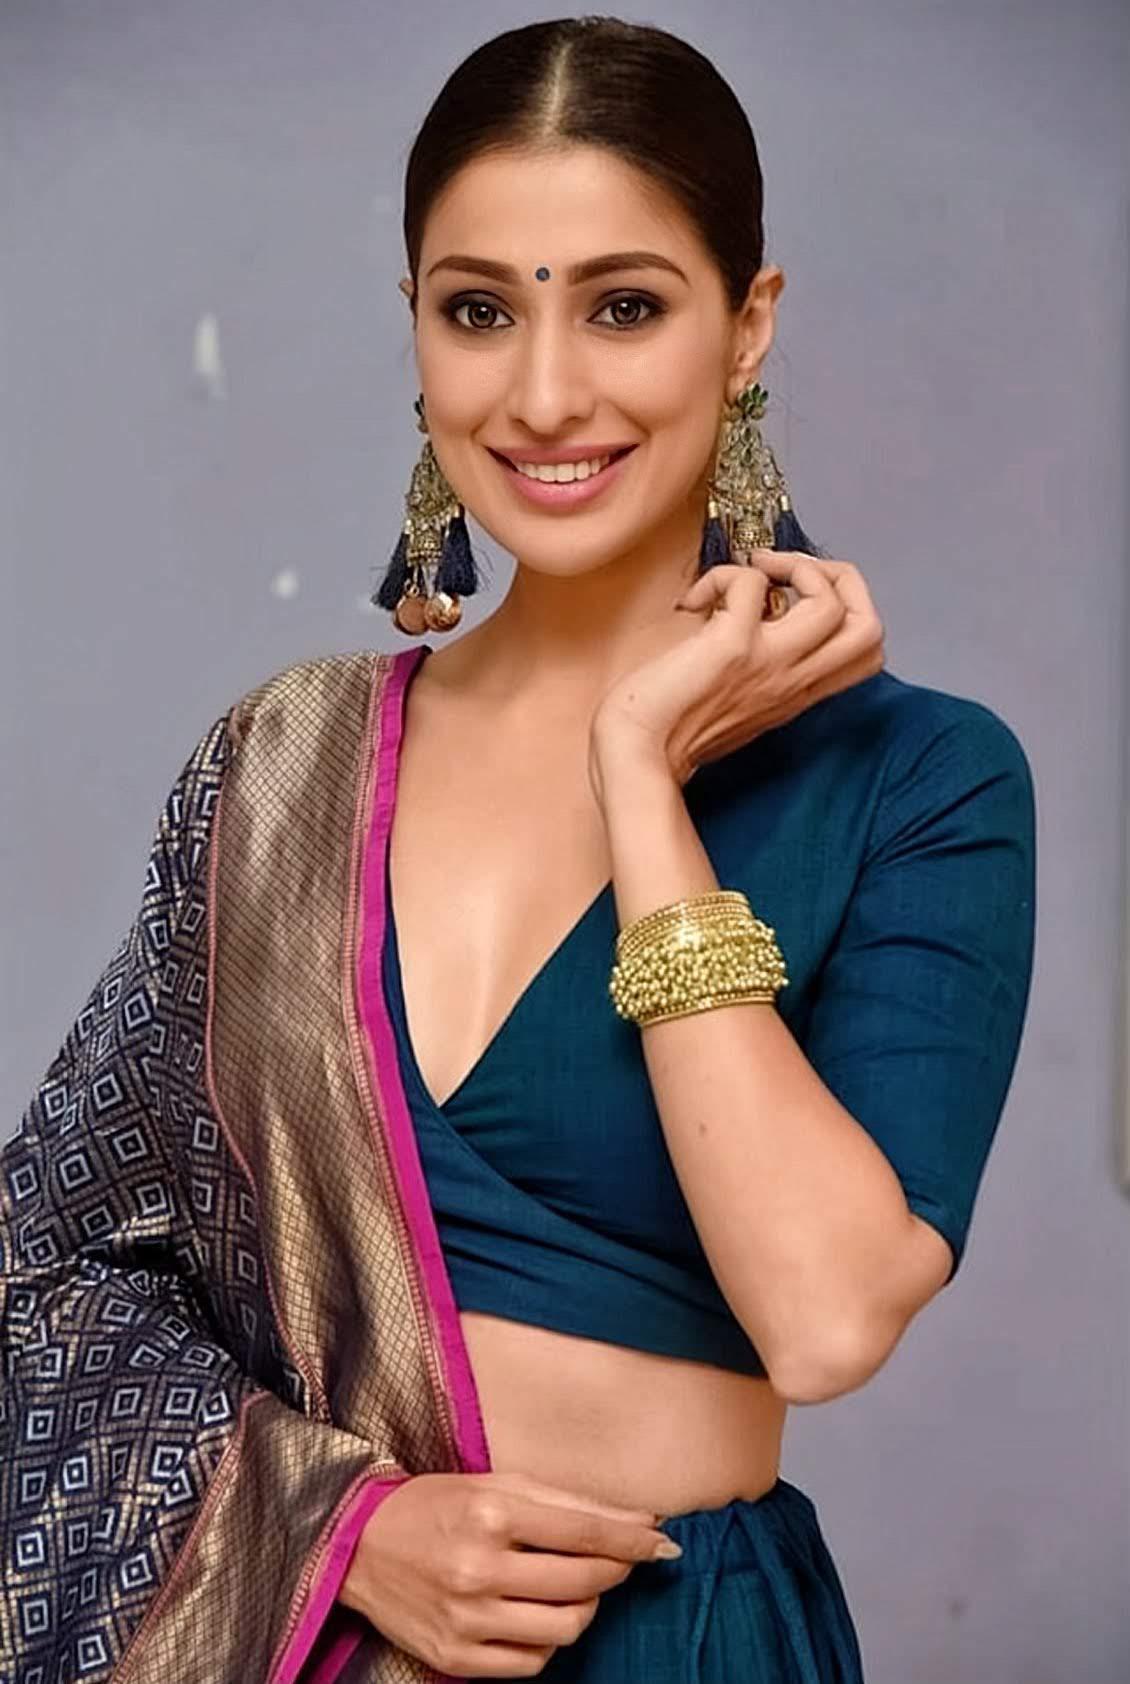 Rai-lakshmi-latest-images-32535